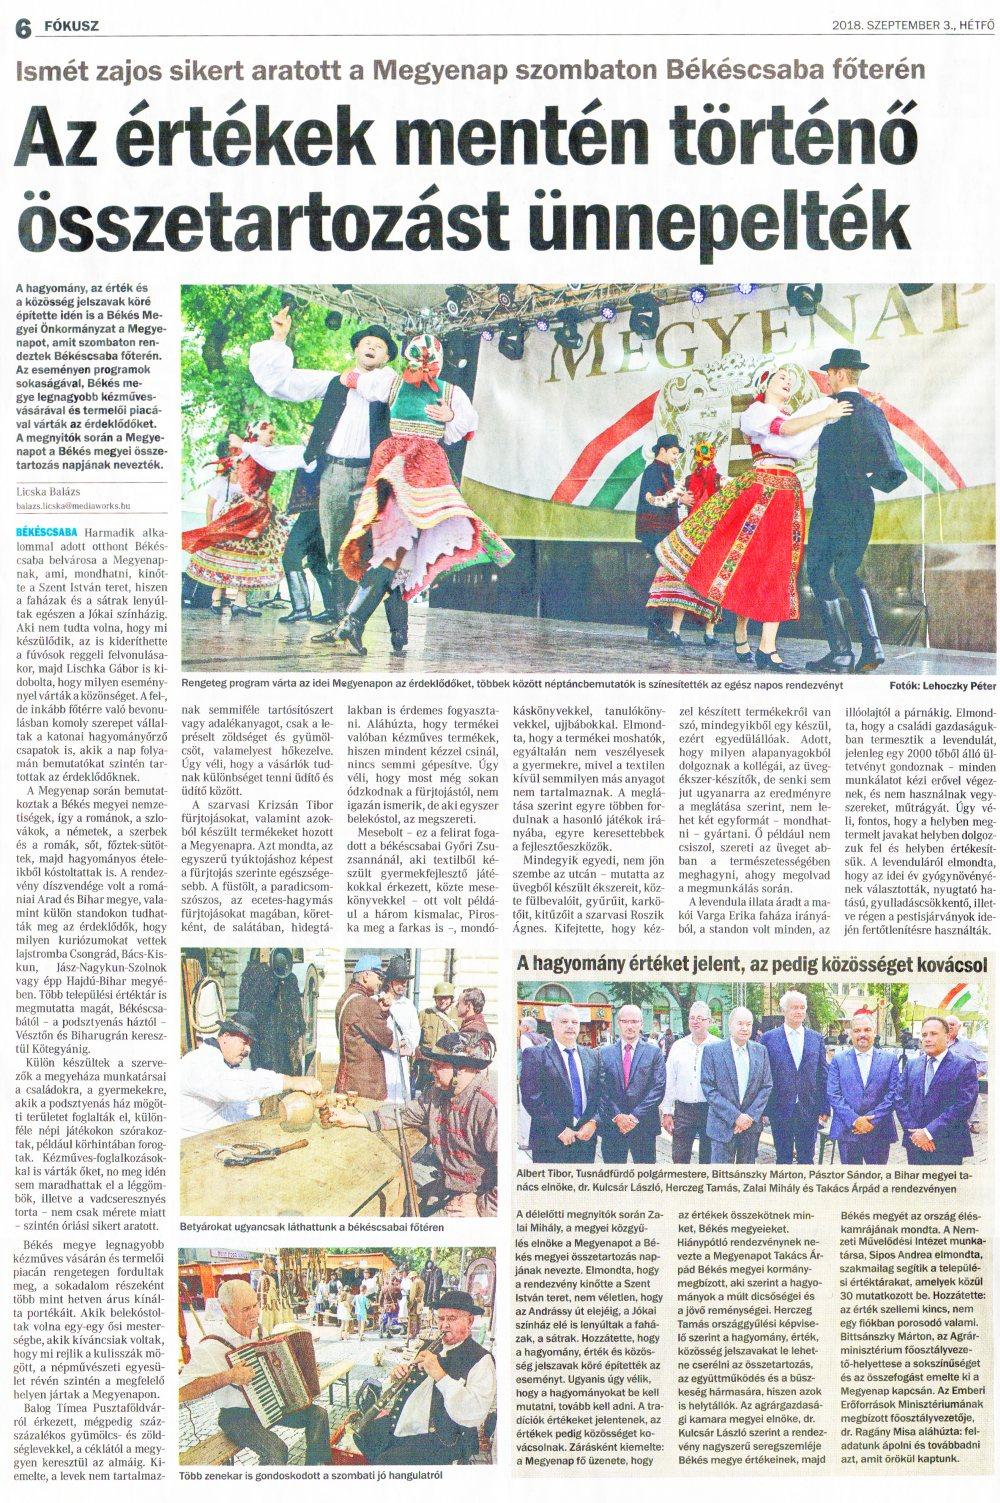 Békés Megyei Hírlap -  Az értékek mentén történő összetartozást ünnepelték - 2018.09.03.